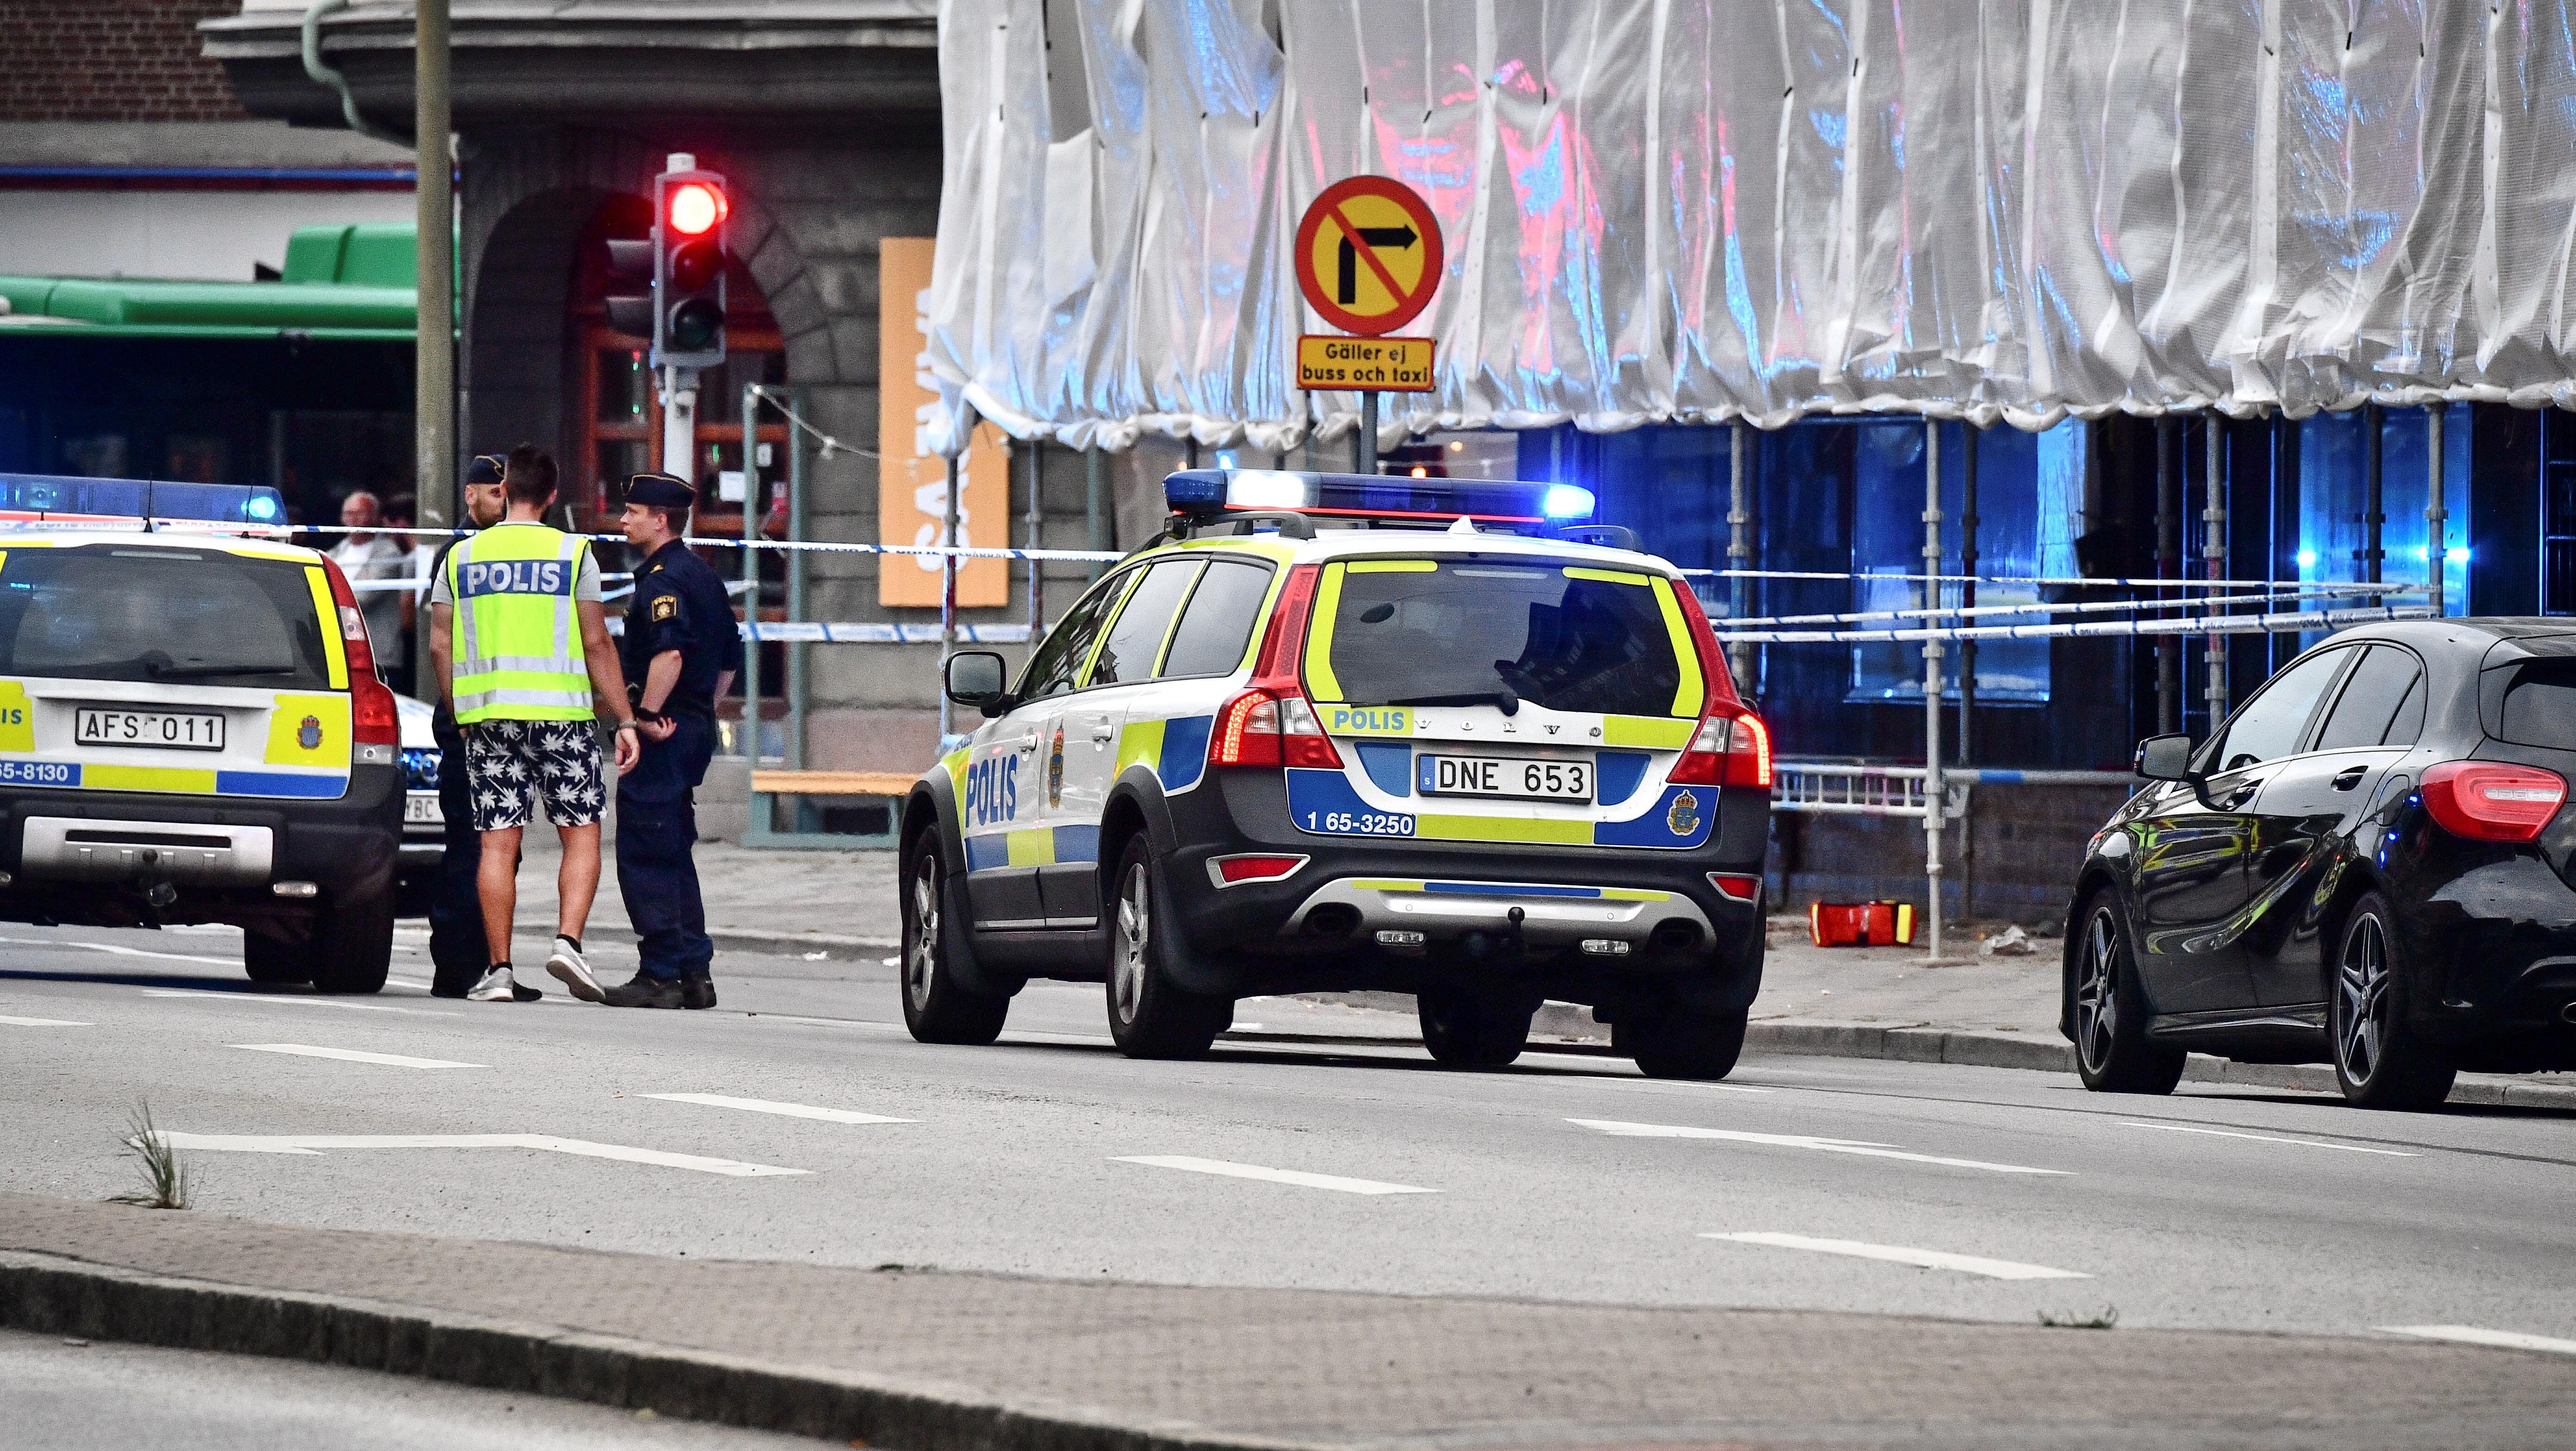 Svezia, sparatoria in centro a Malmo: almeno 5 feriti